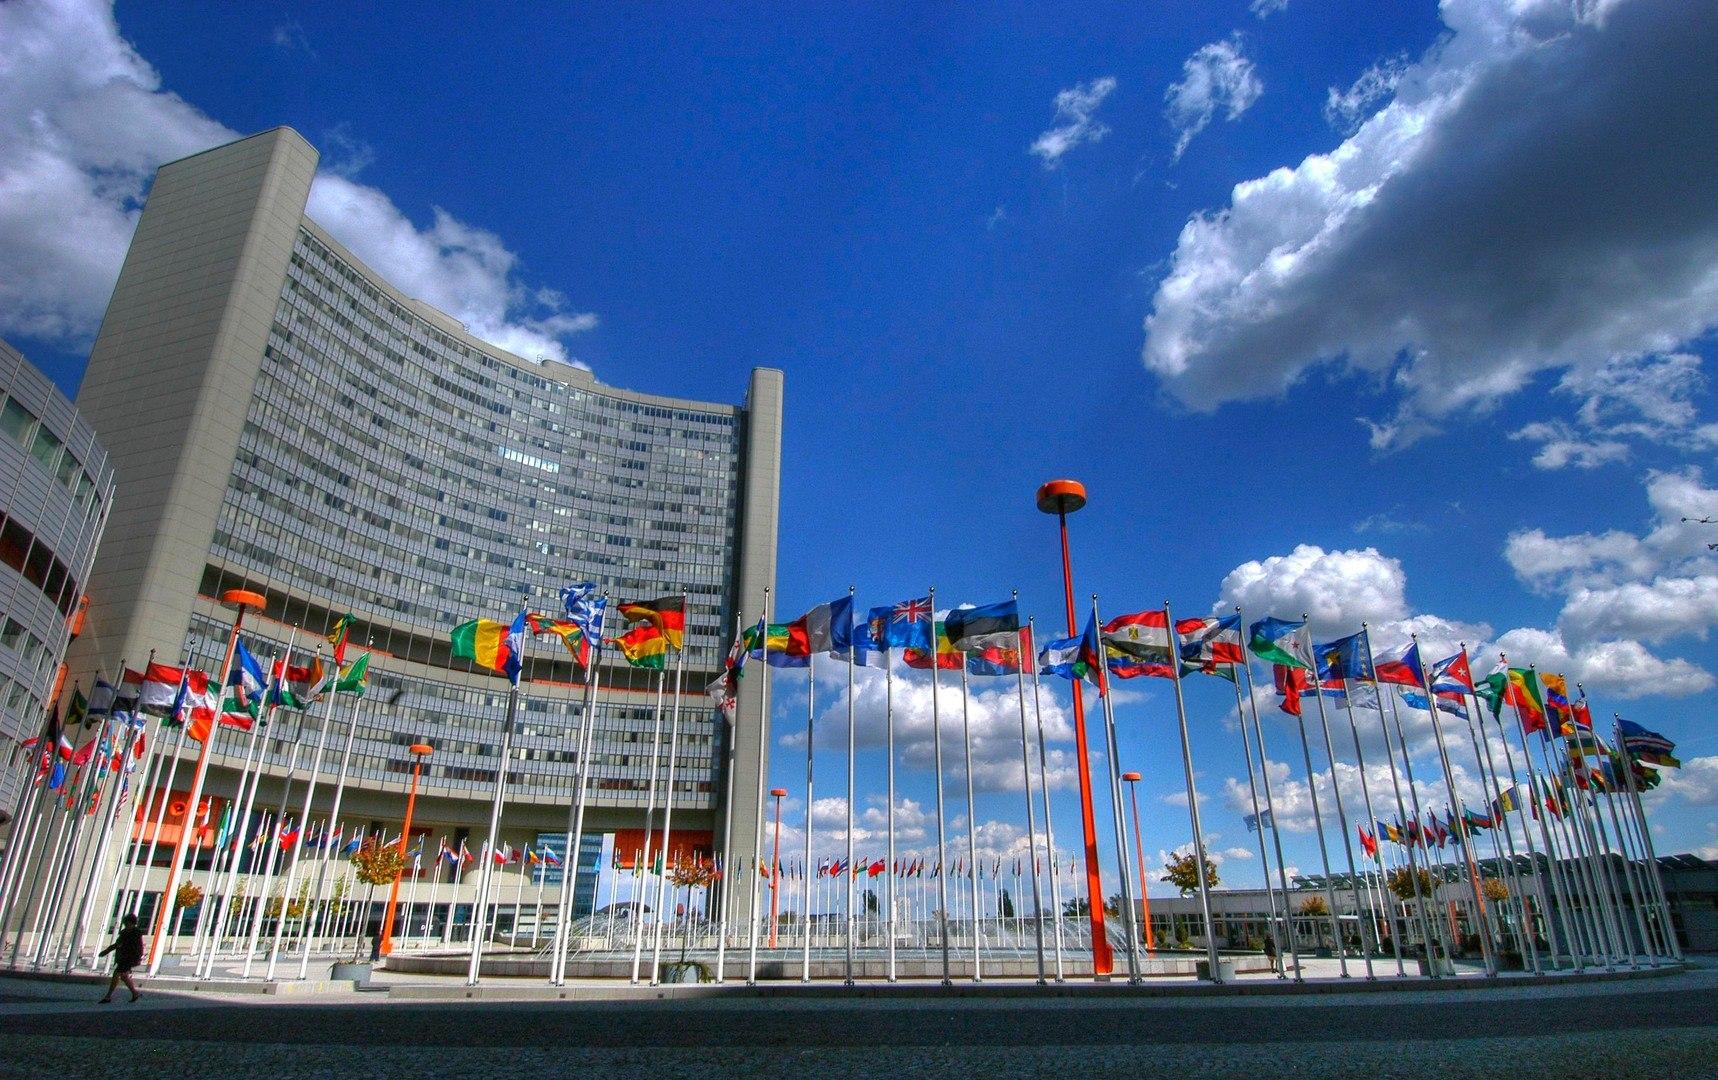 В ООН рассмотрят резолюцию о нарушении прав человека в Крыму, — Геращенко